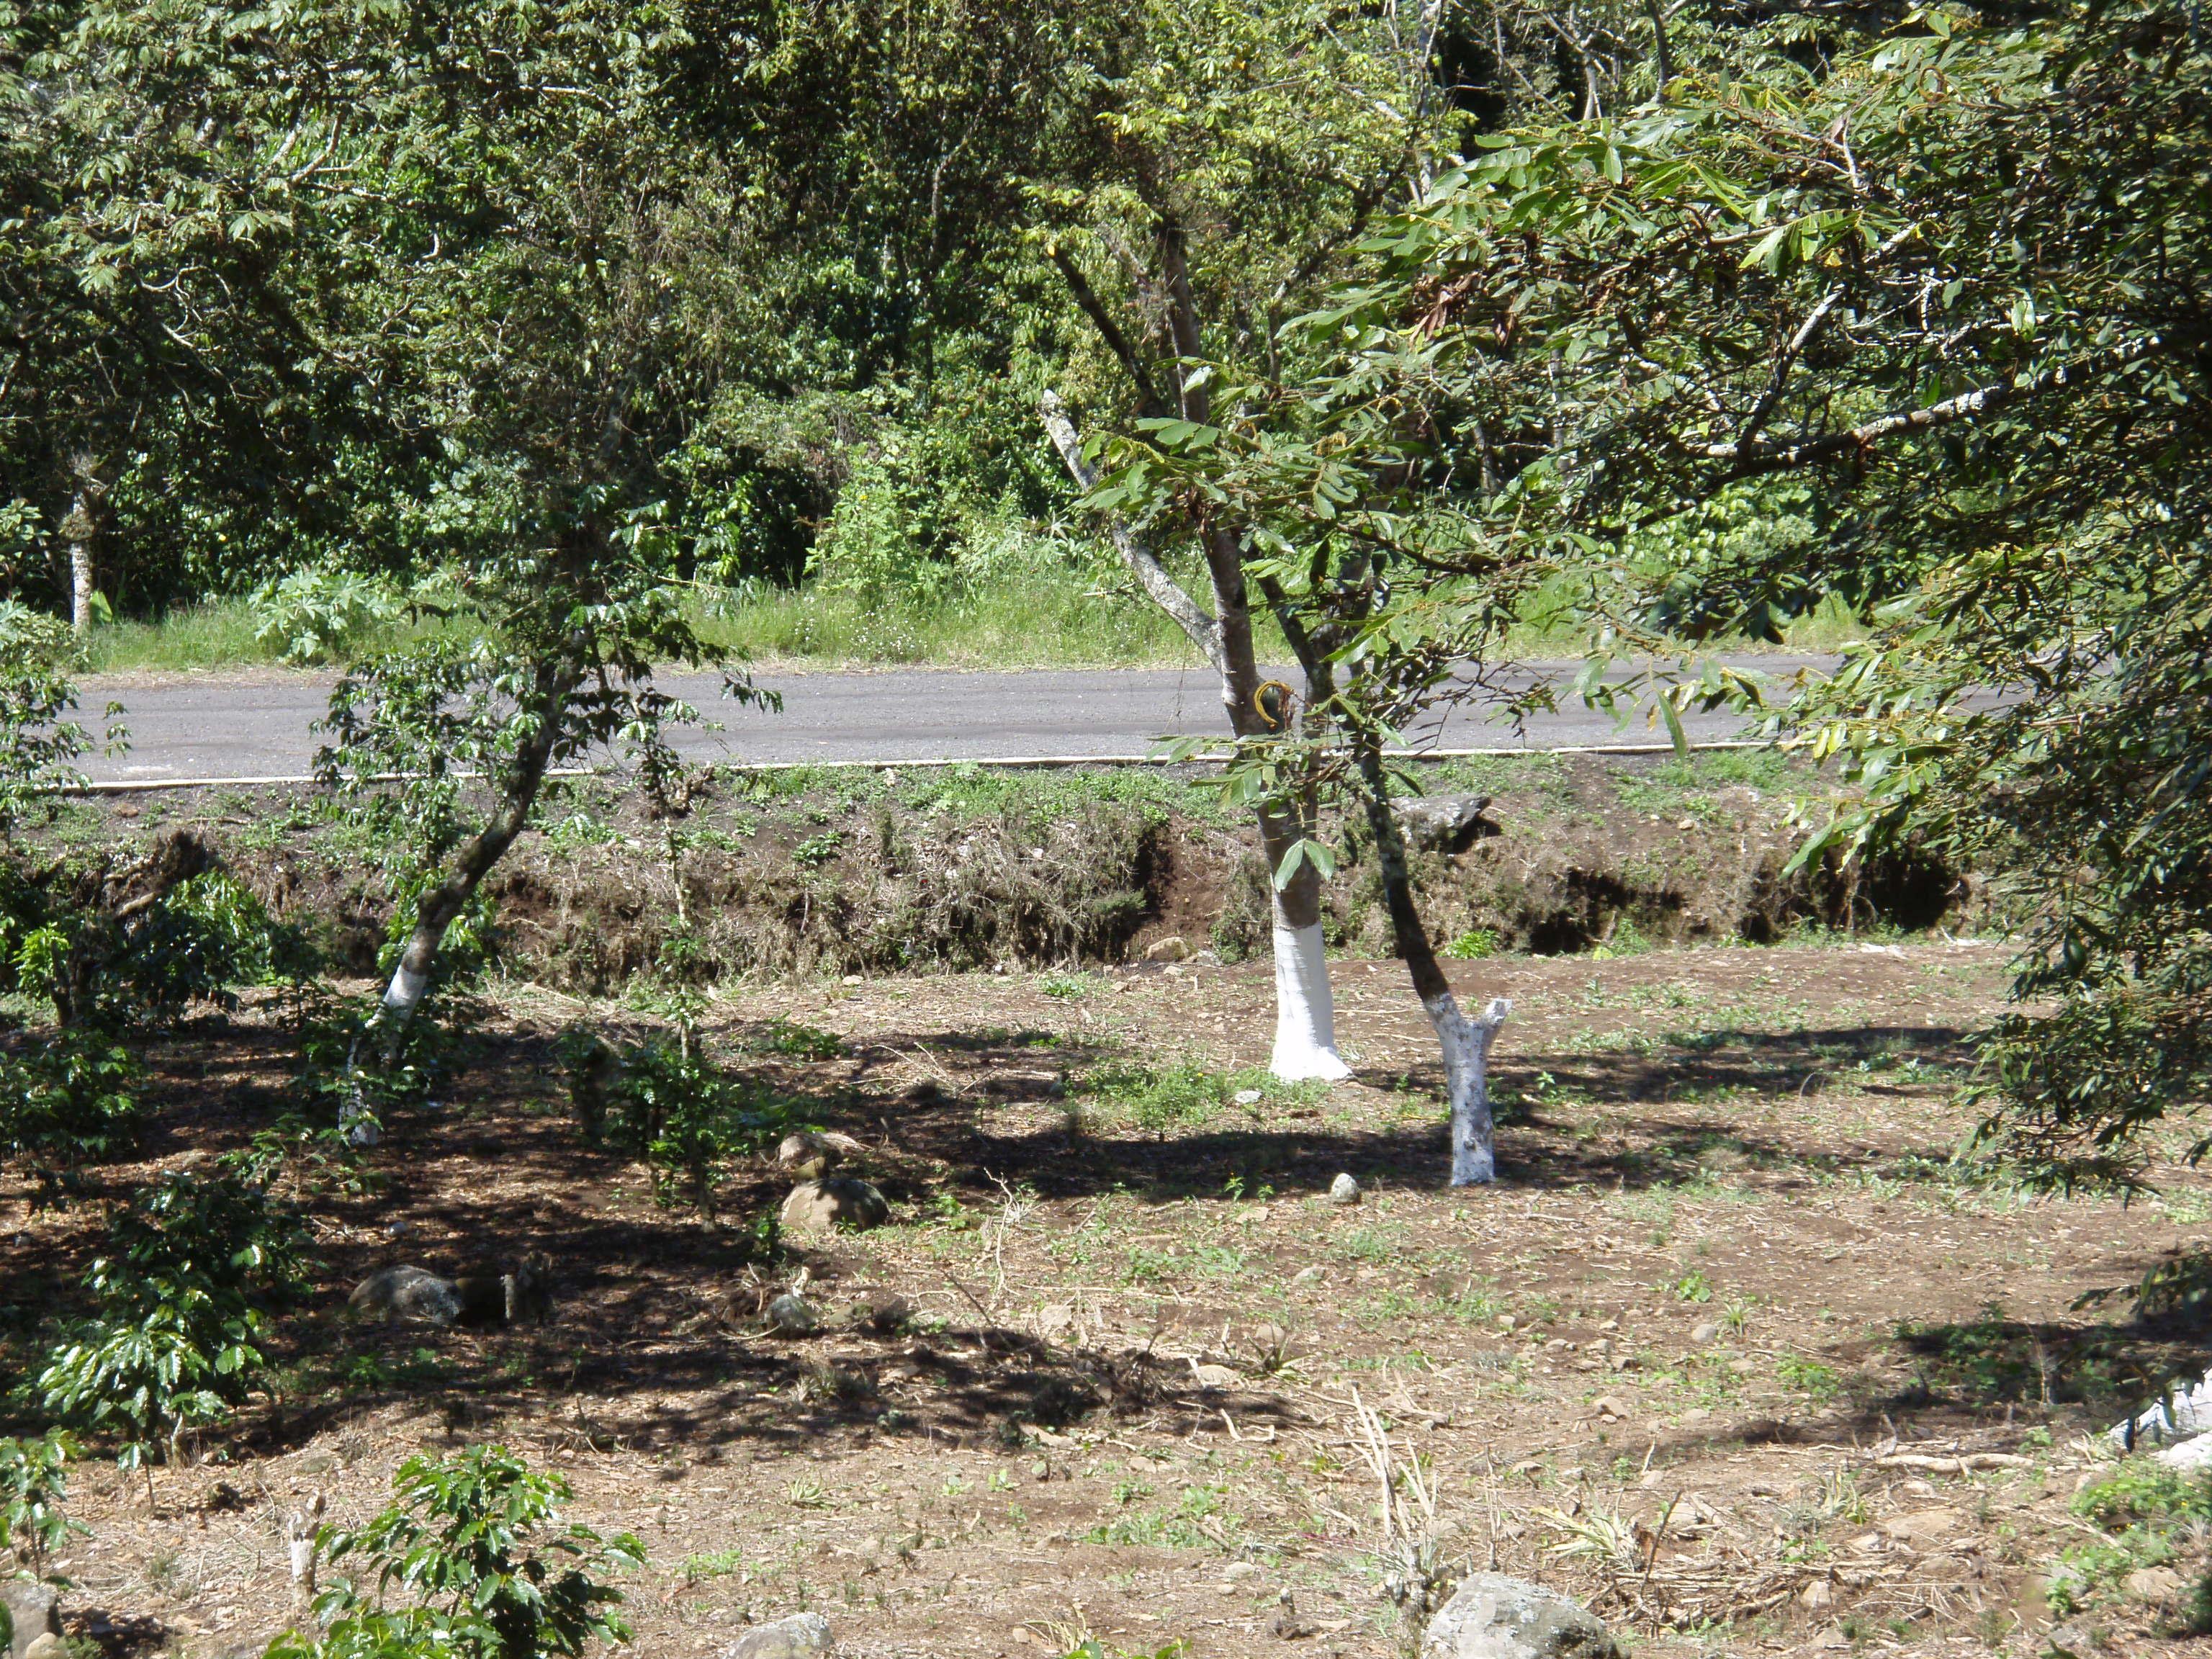 VENTA TERRENO CAMPESTRE 1,000 M2 SAN MARCOS-XICO TLALCONTLA CON ARROYITO AL FRENTE